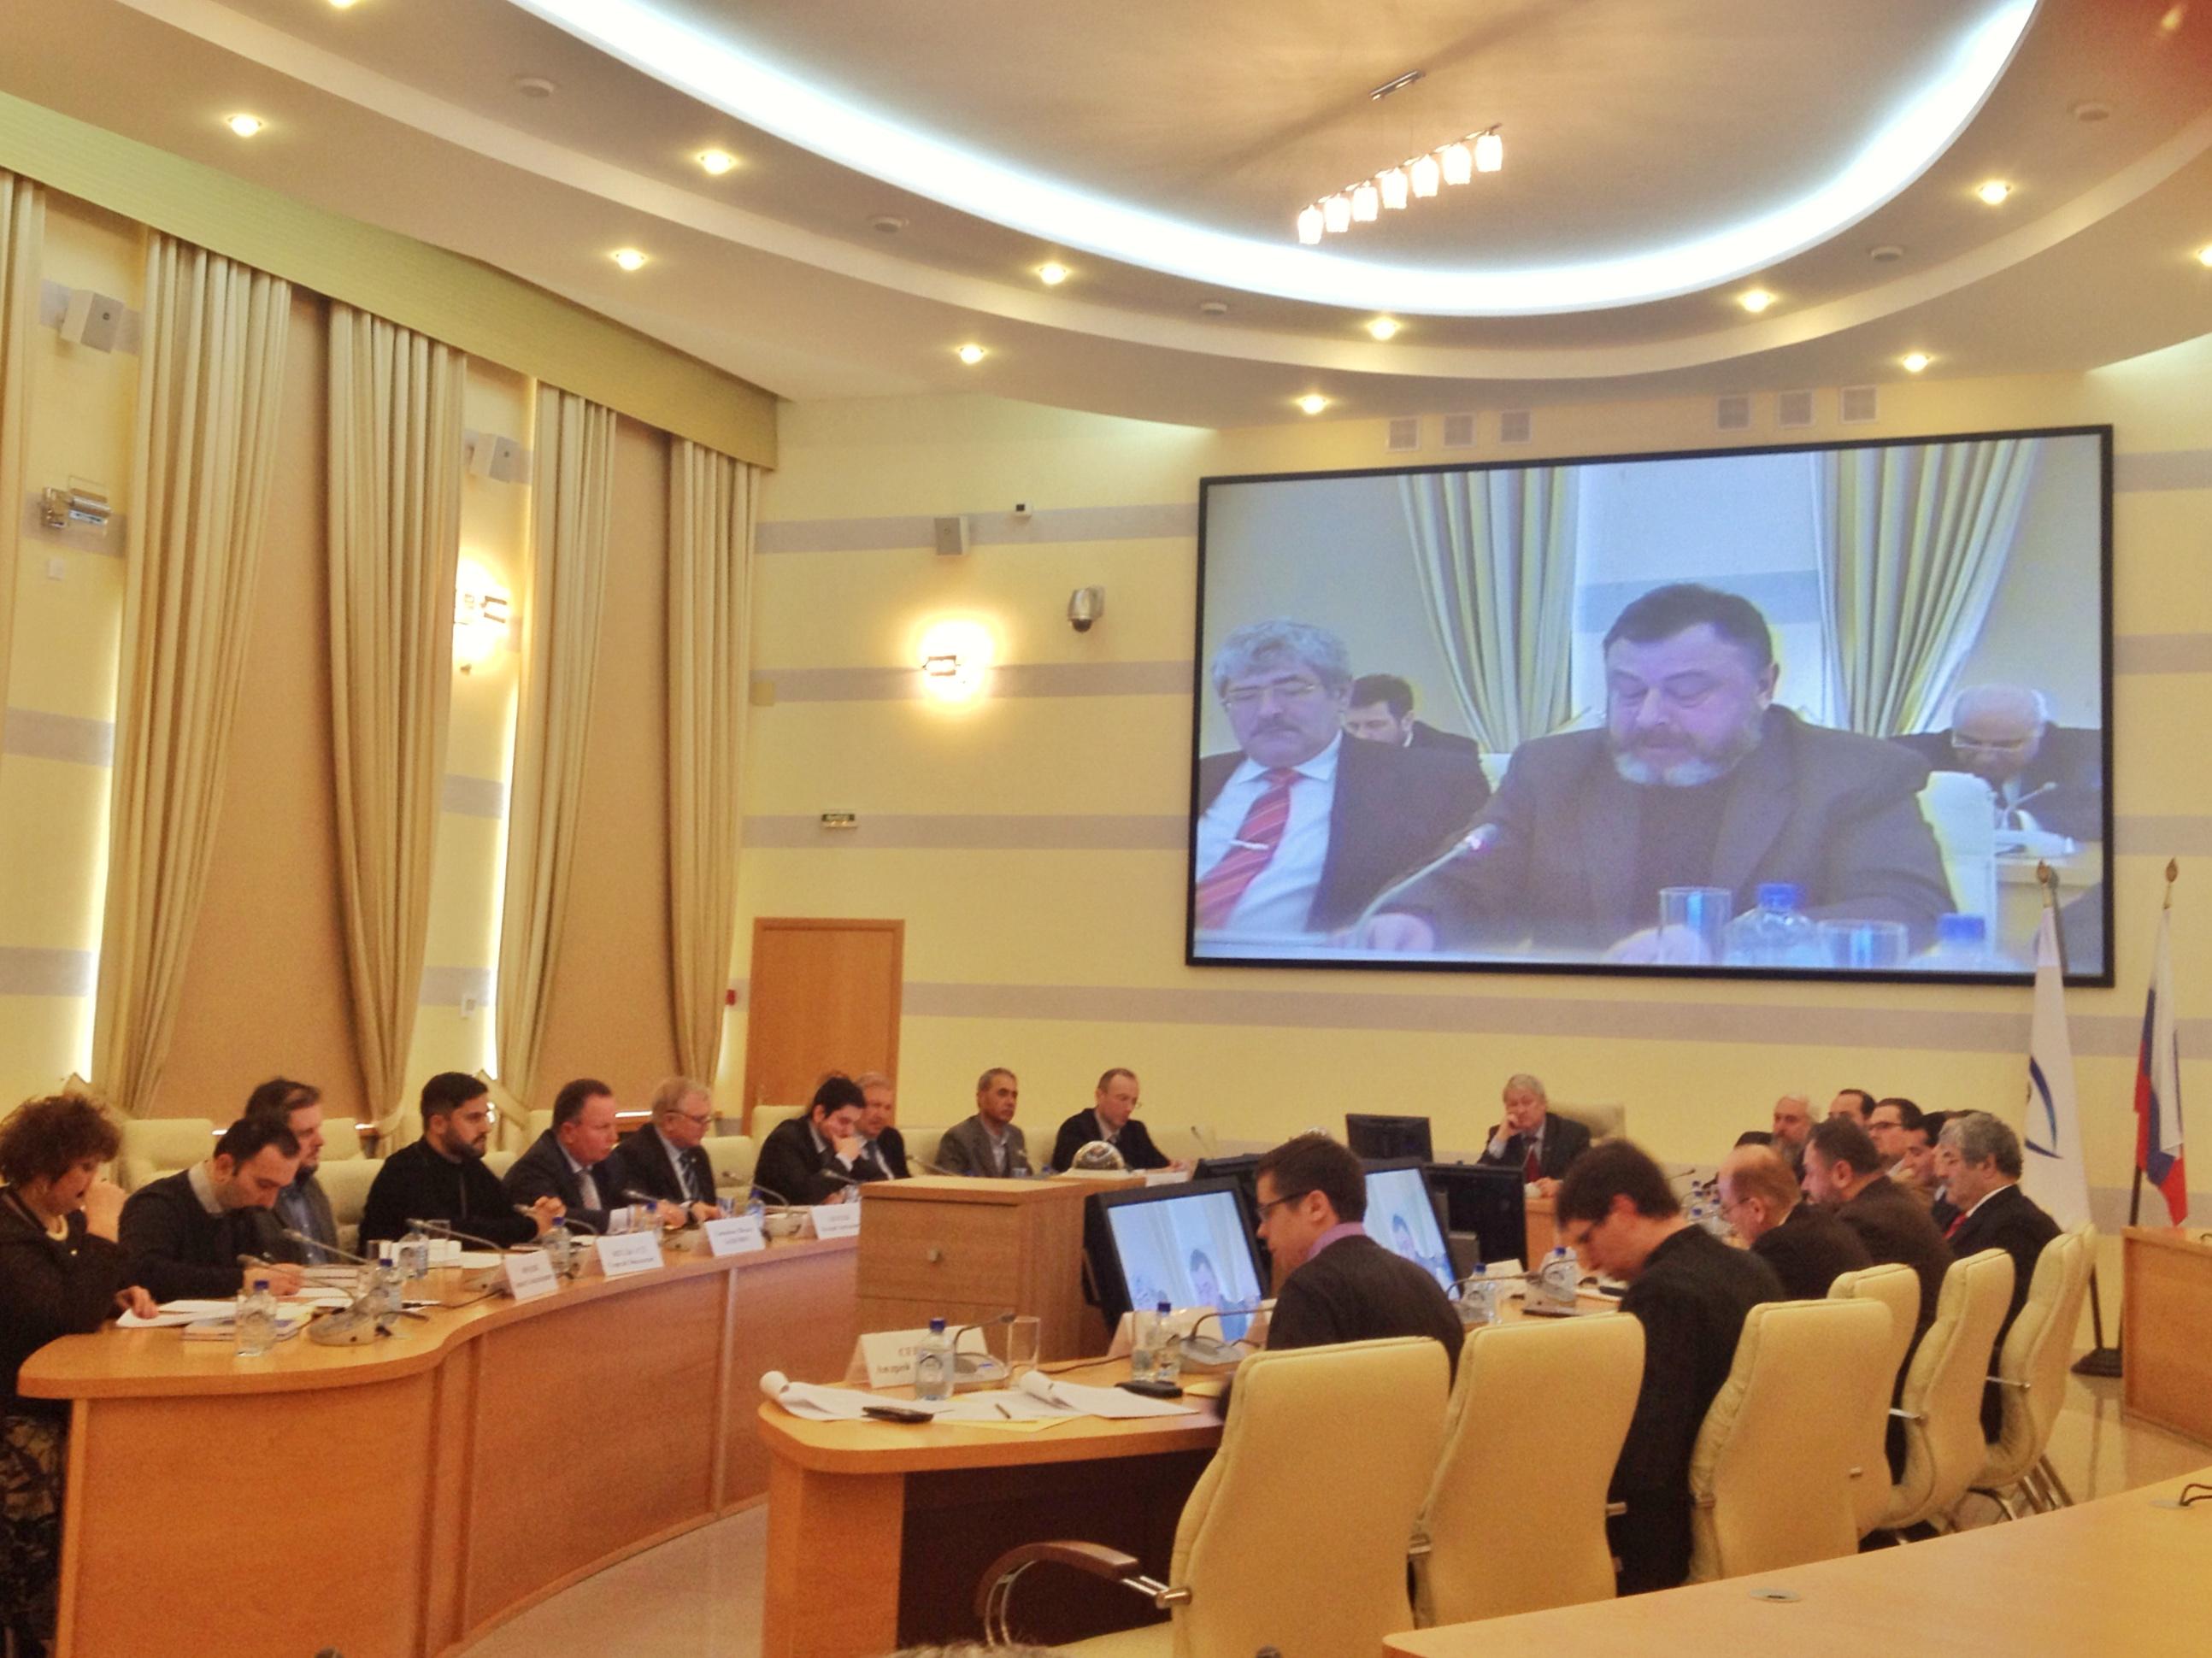 Участие в конференцията взеха представители на Русия, Сърбия, Черна гора, както и Сирия, Ливан, Австрия, Италия и Ватикана.